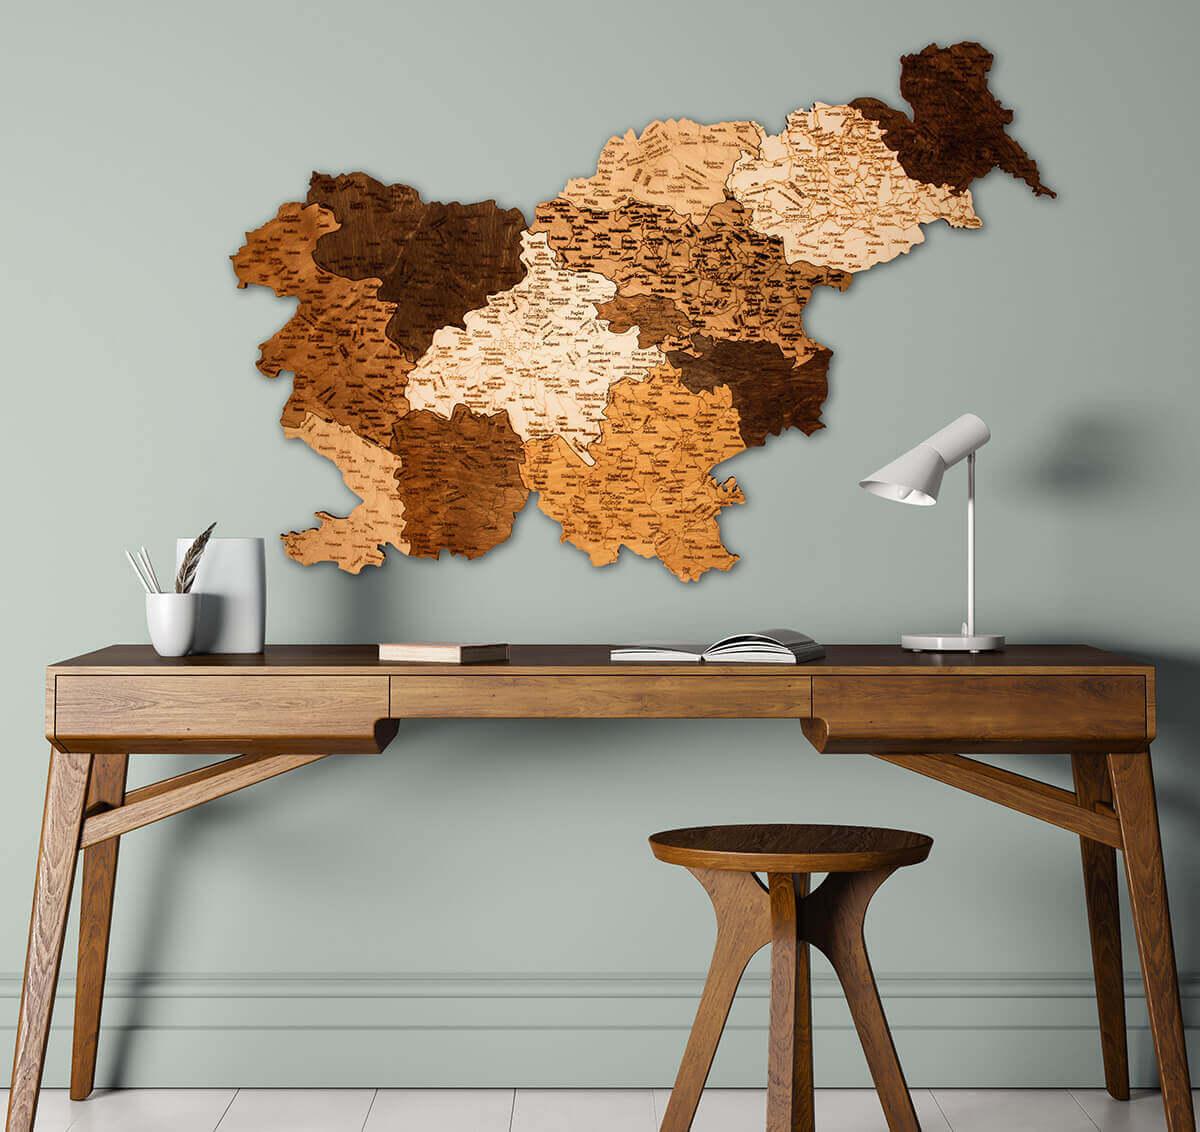 Holzkarte von Slowenien